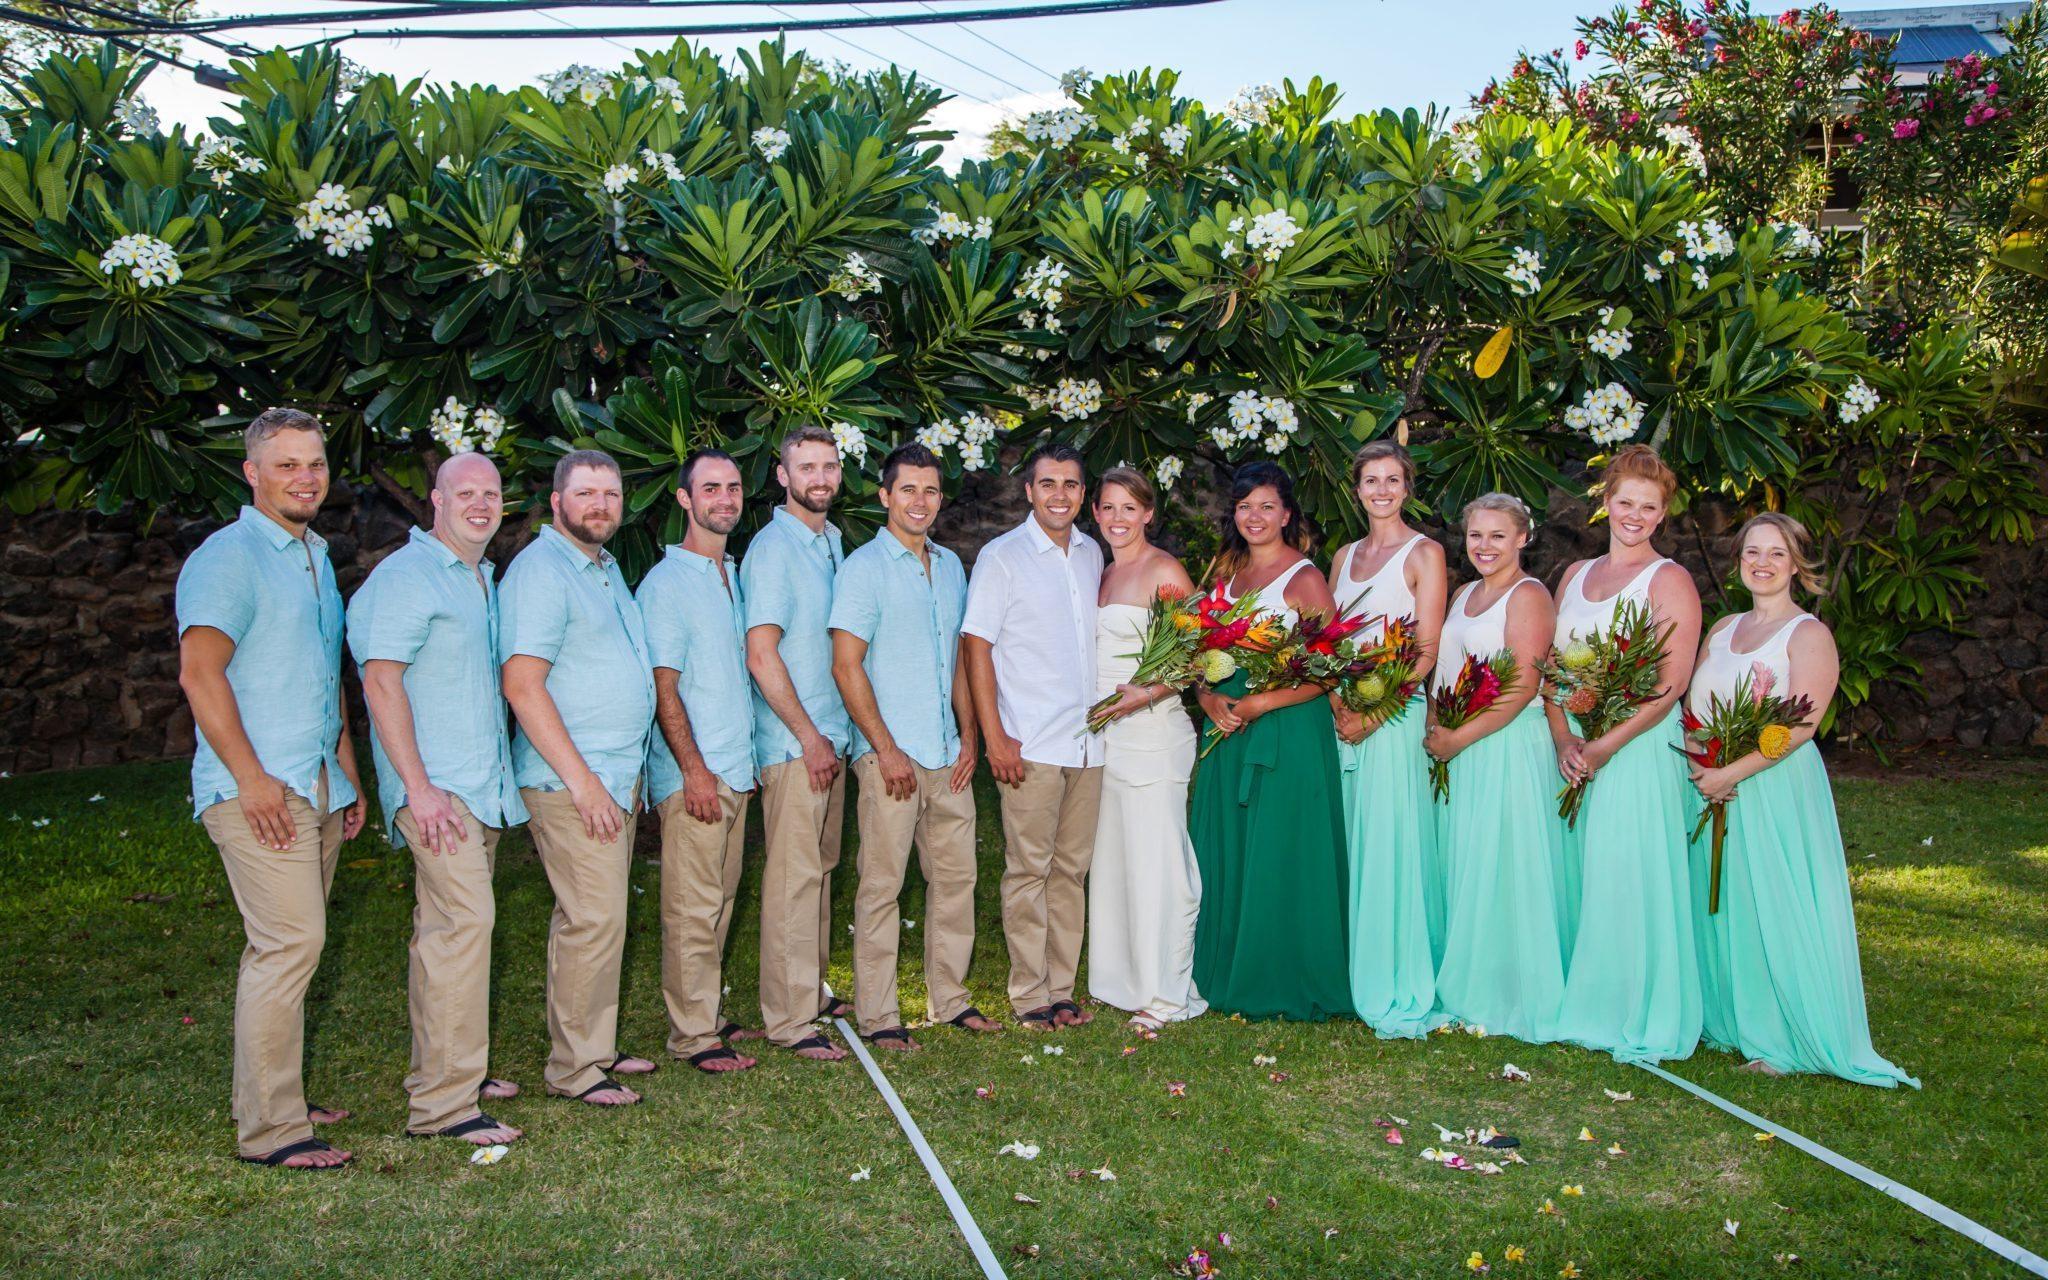 maui wedding photographer10_behind the lens maui.jpg